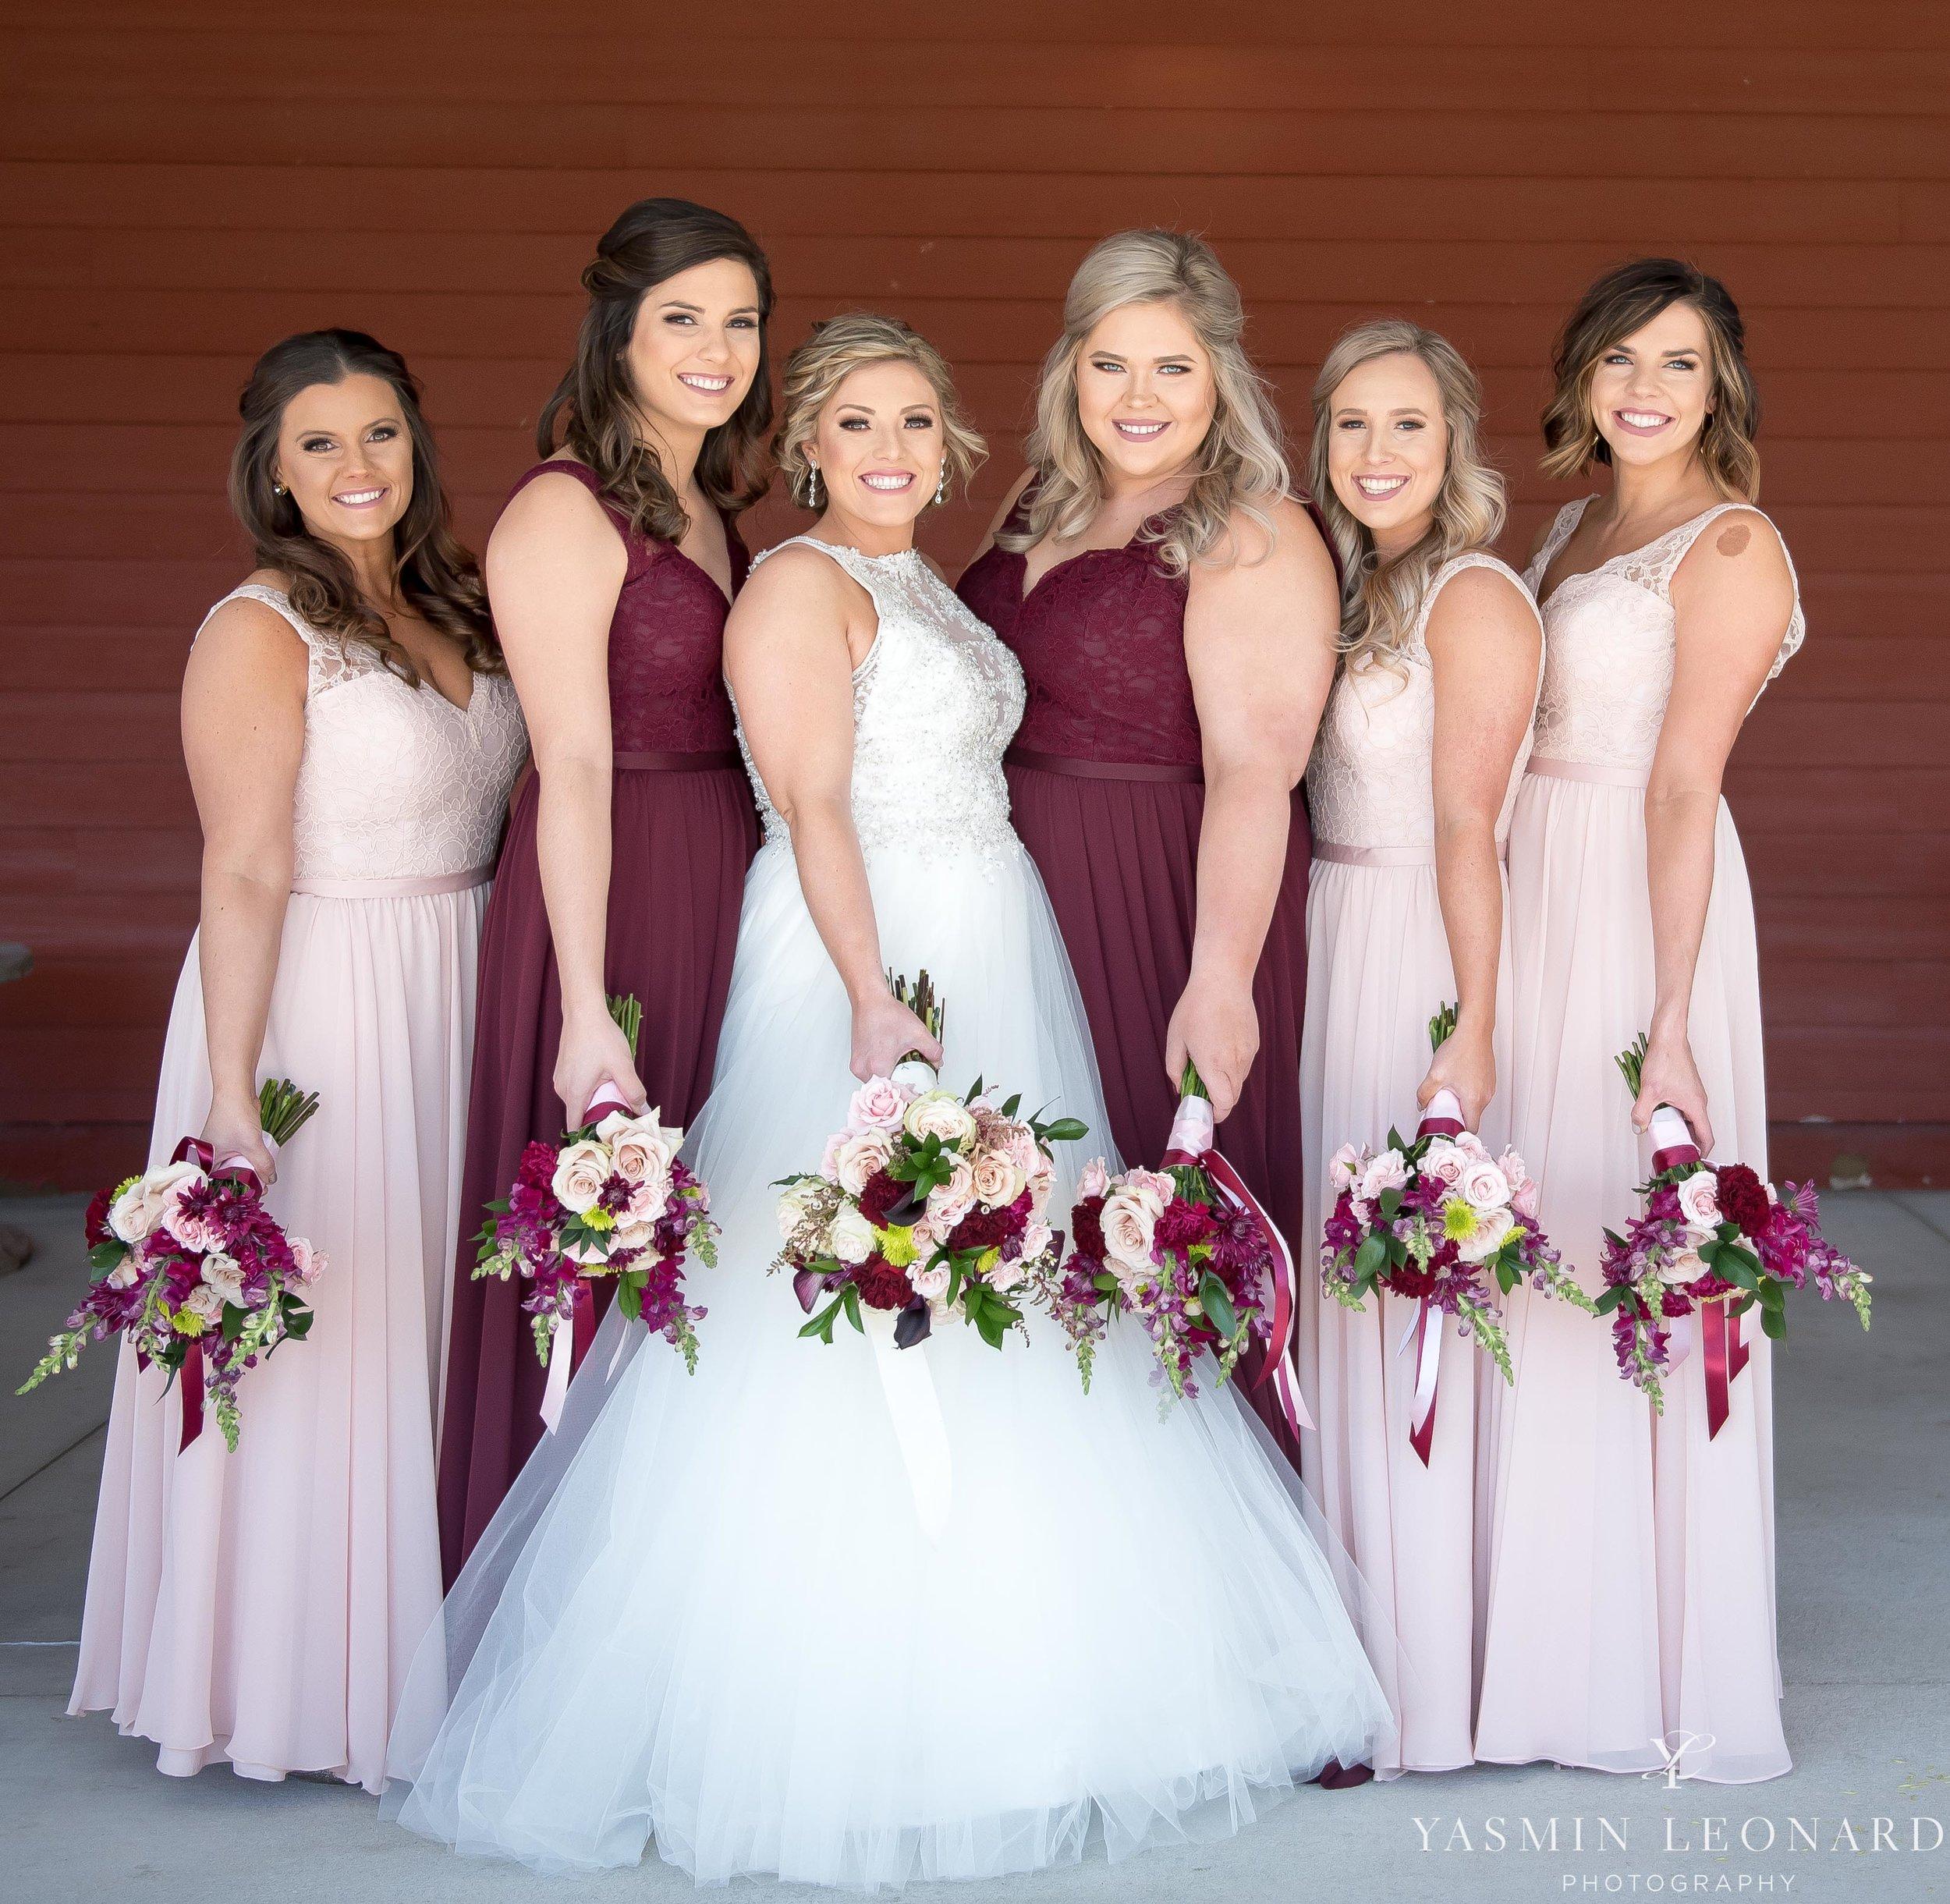 Millikan Farms - Millikan Farms Wedding - Sophia NC Wedding - NC Wedding - NC Wedding Photographer - Yasmin Leonard Photography - High Point Photographer - Barn Wedding - Wedding Venues in NC - Triad Wedding Photographer-20.jpg